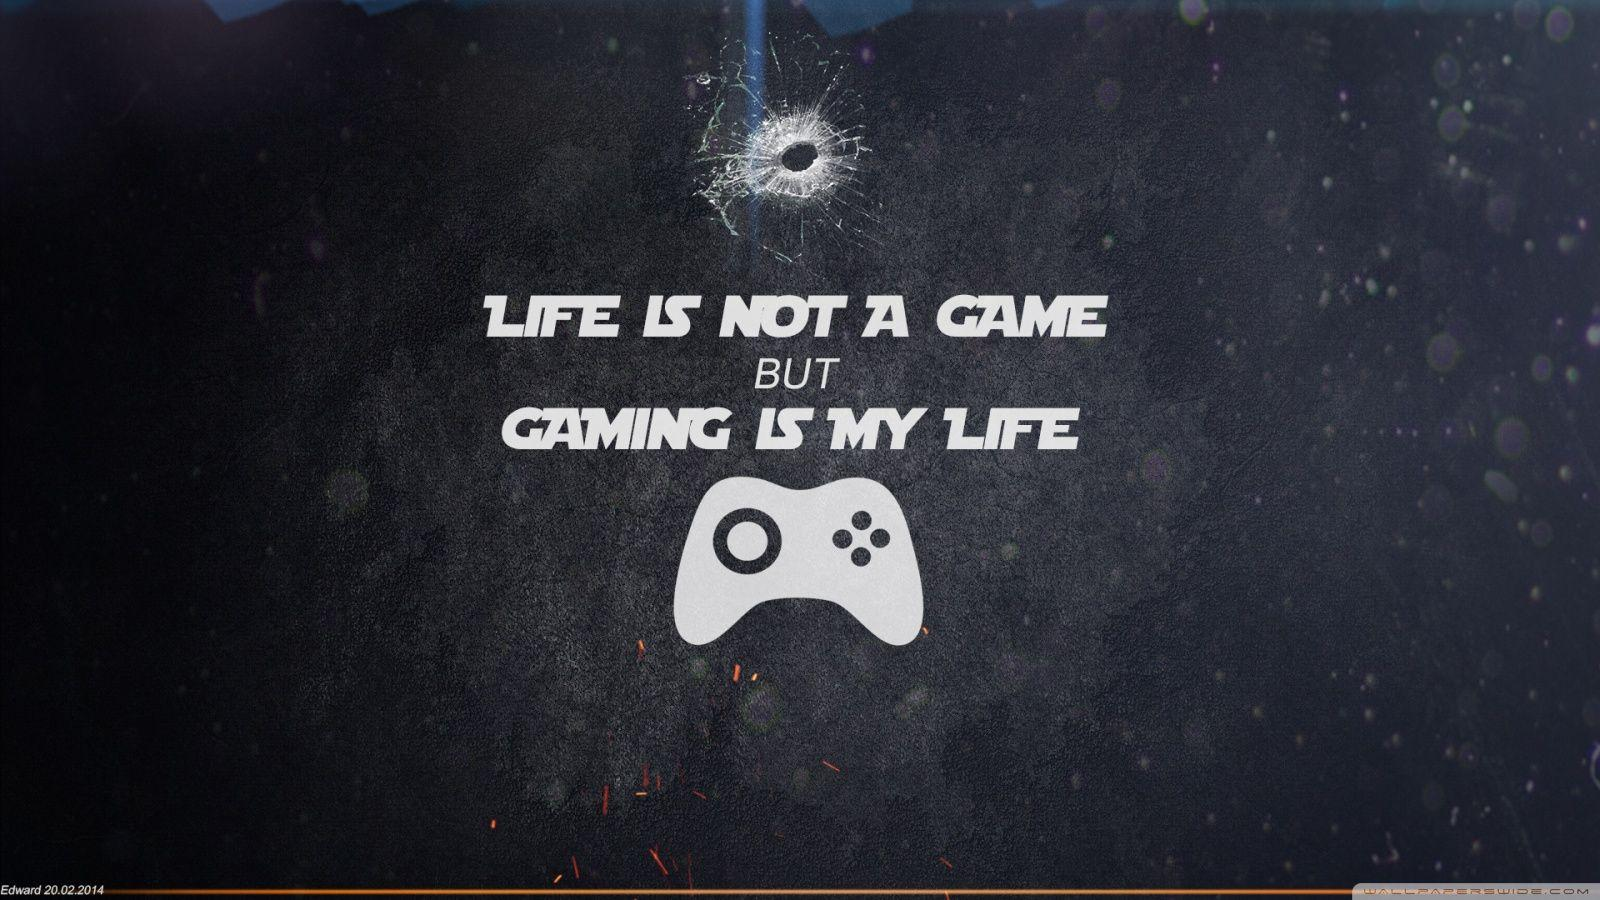 Gaming Quotes Wallpaper 4k - Novocom.top